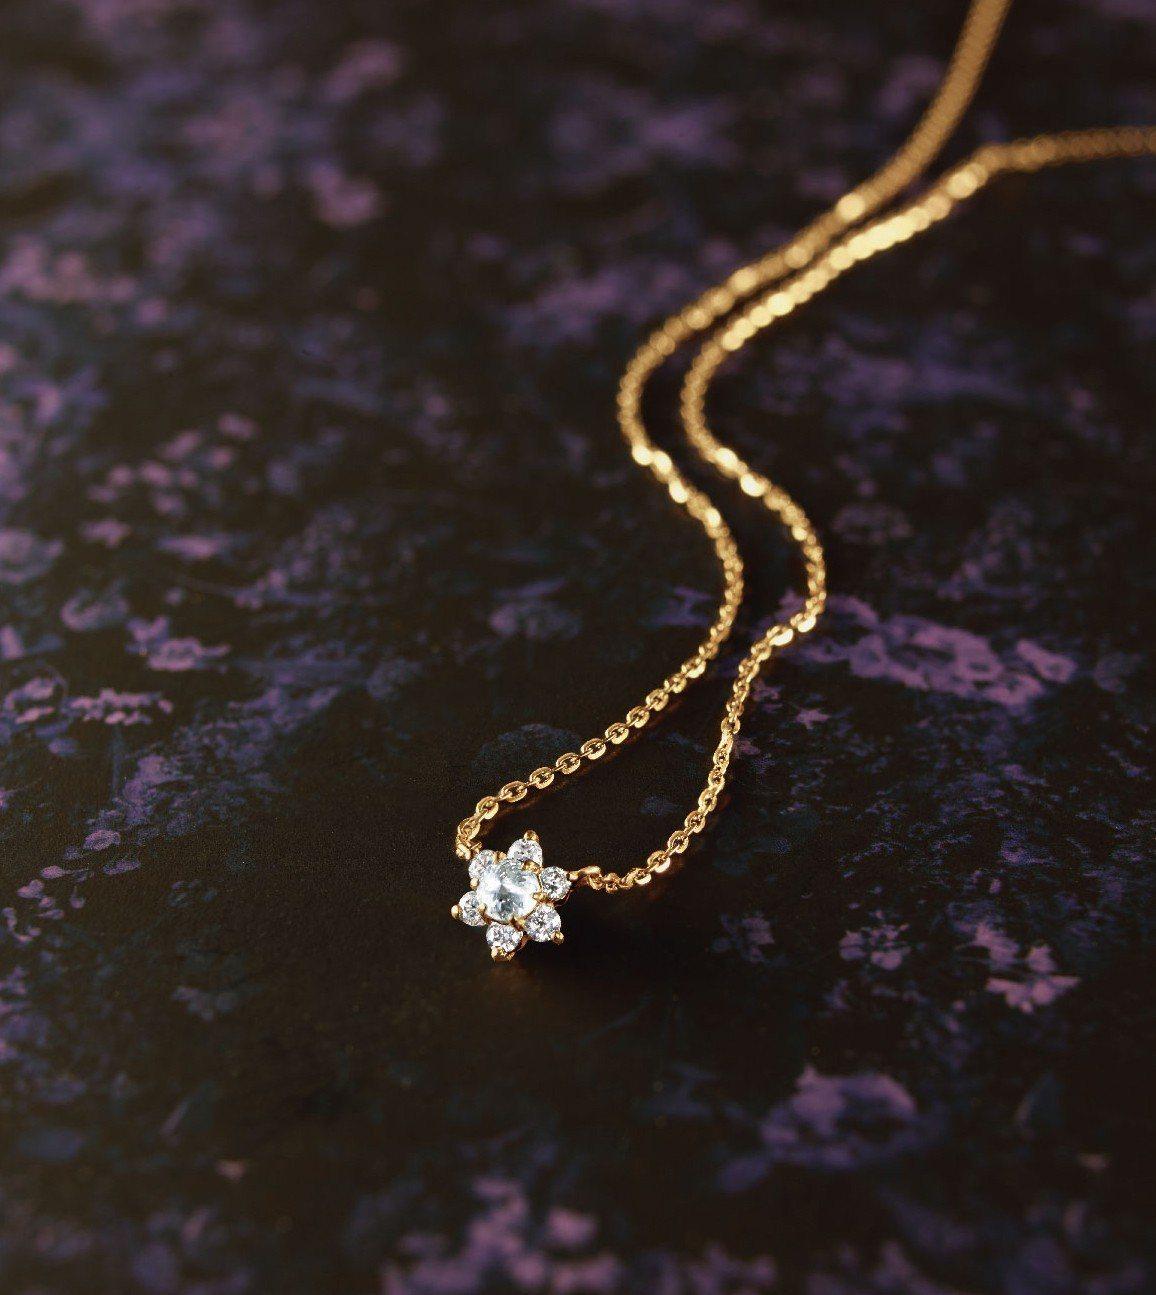 11月底發售聖誕限定耶誕玫瑰鑽石項鍊,售價21,800元。圖/agete提供